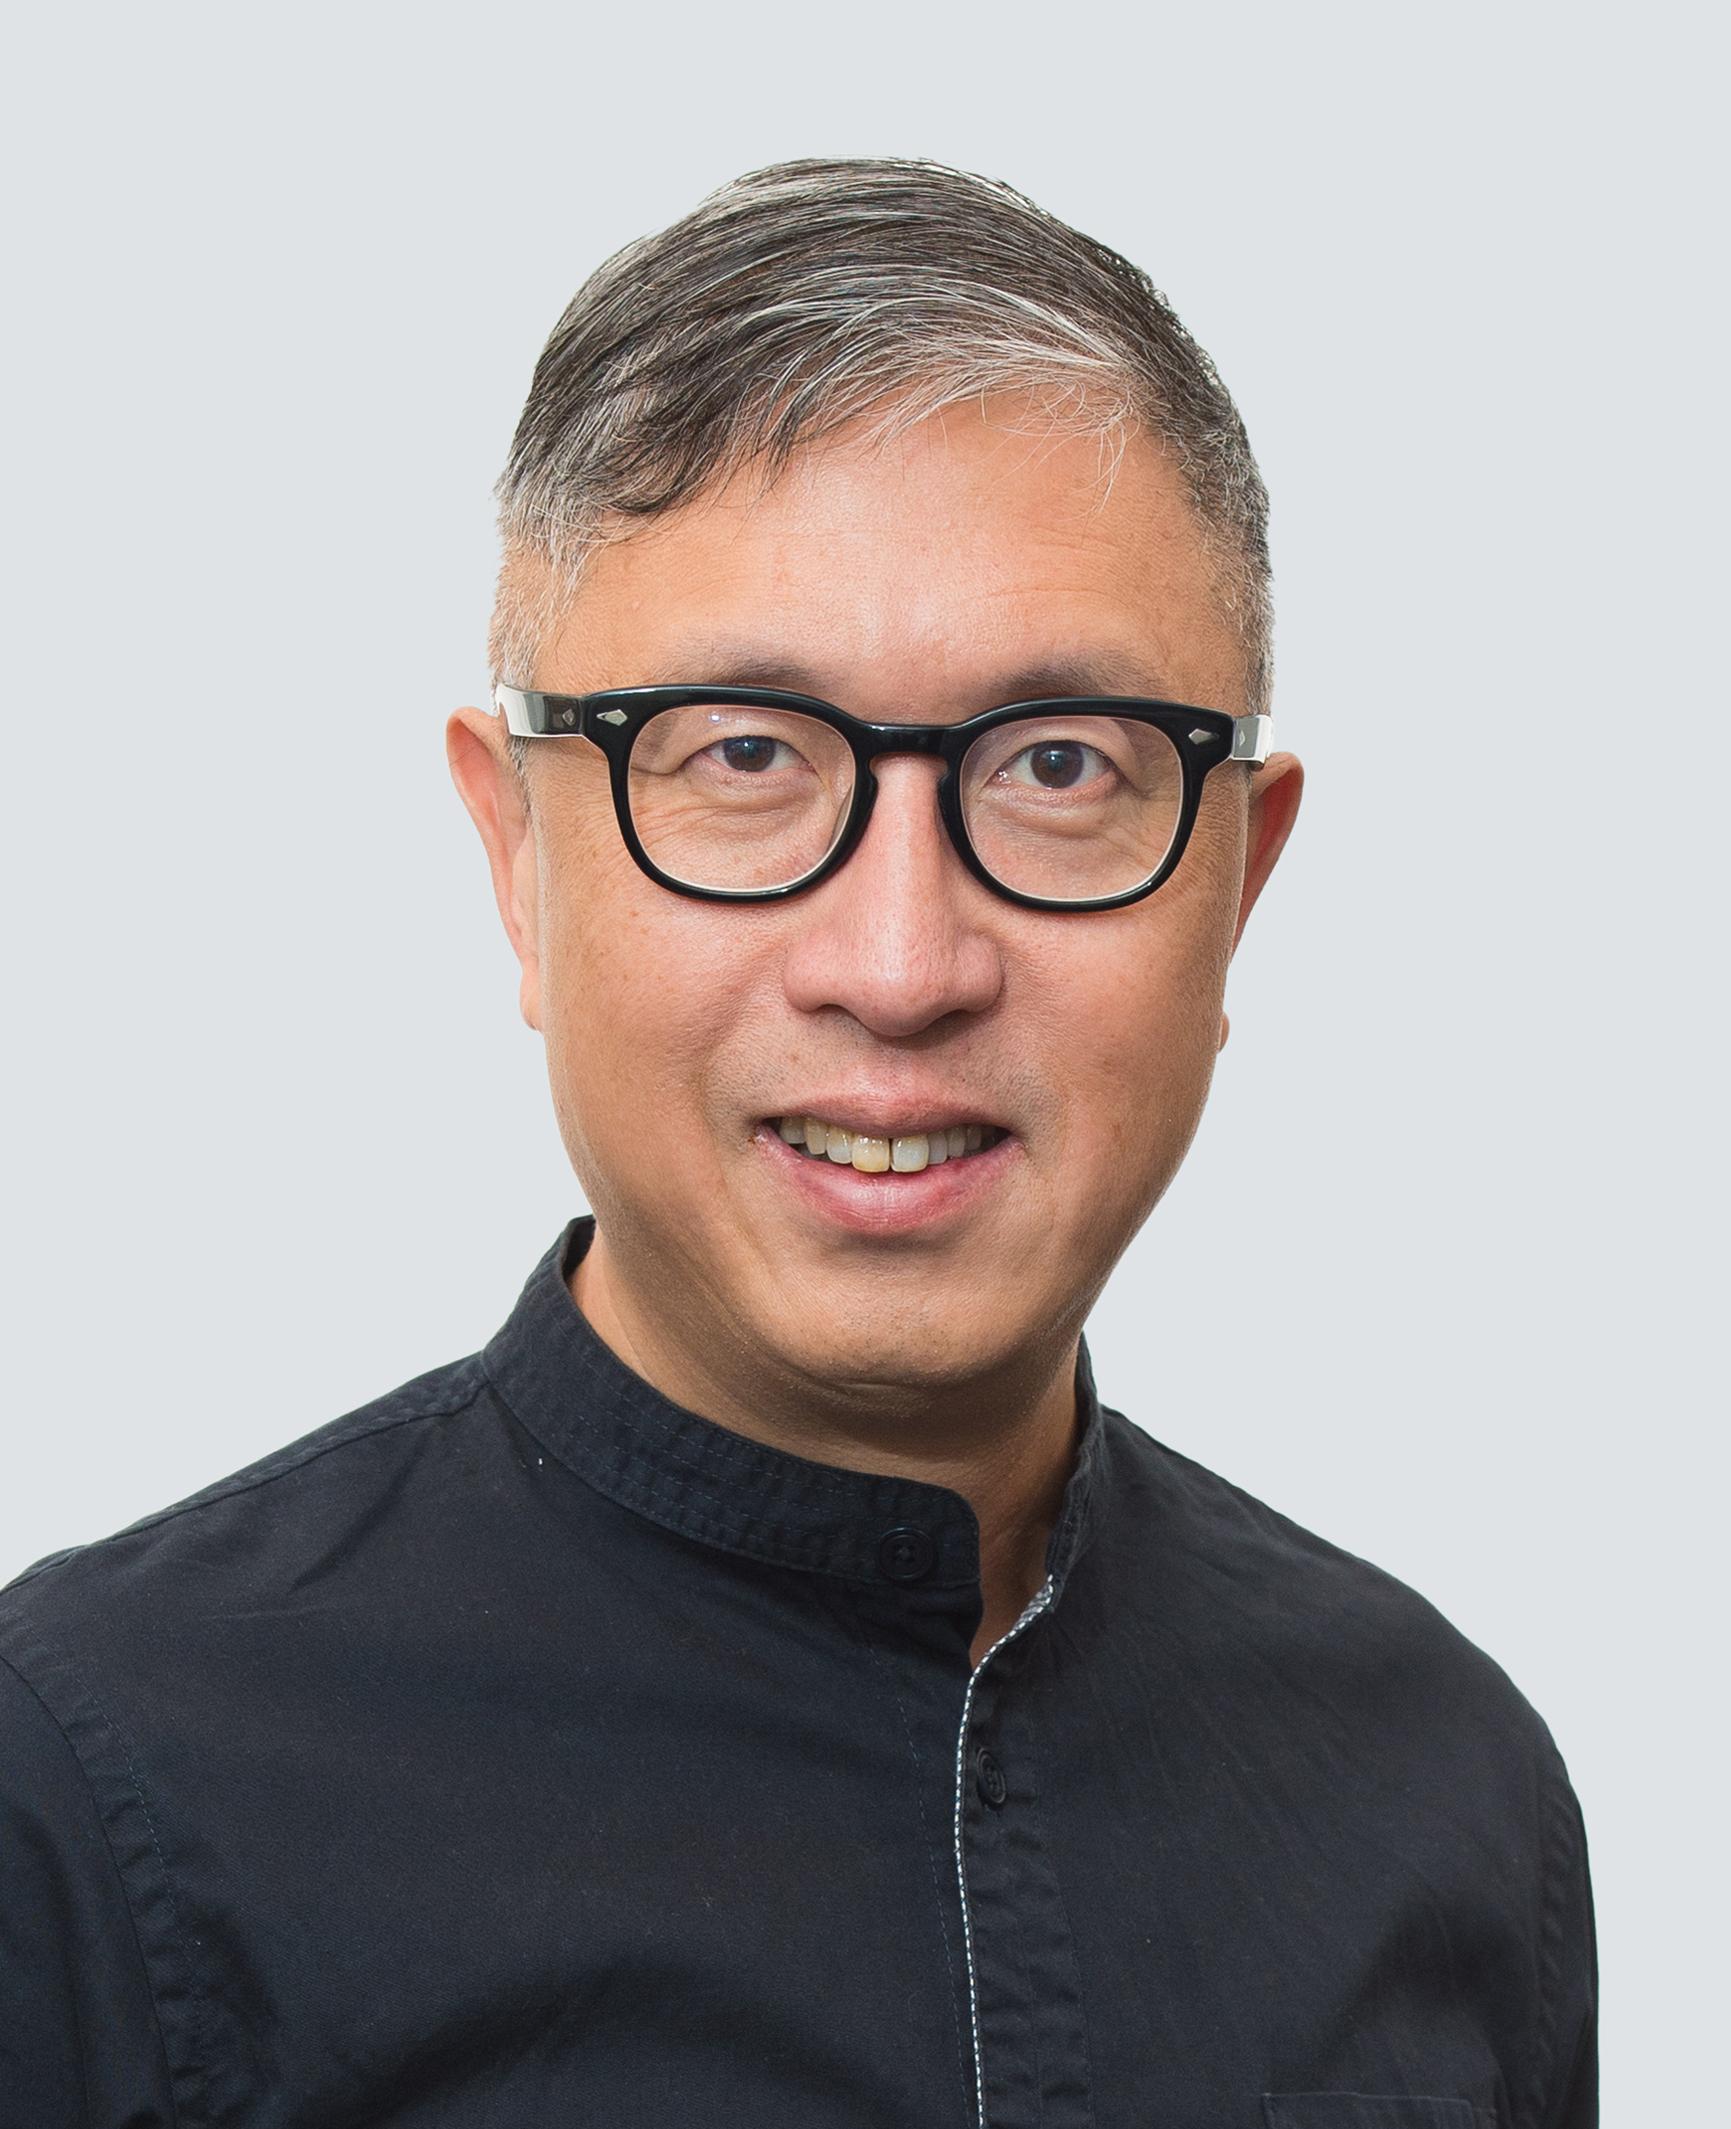 Felix_Chong.jpg